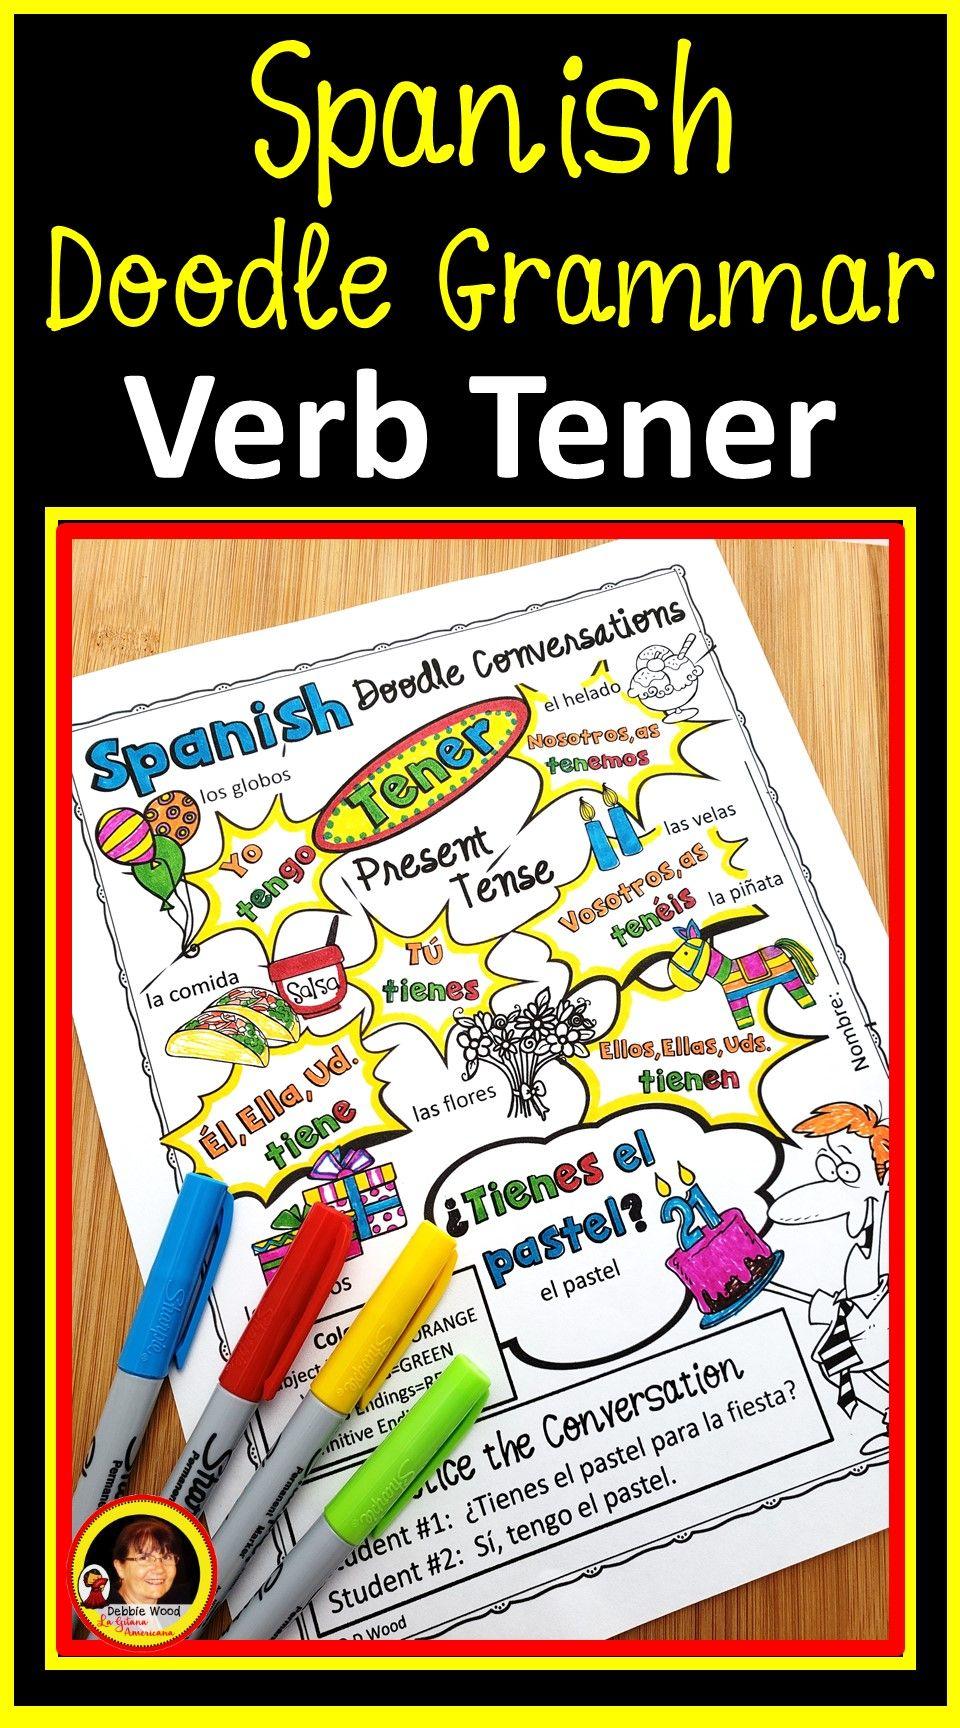 Tener Activities Tener Expressions Learning Spanish Spanish Learning Activities Teaching Spanish [ 1728 x 960 Pixel ]